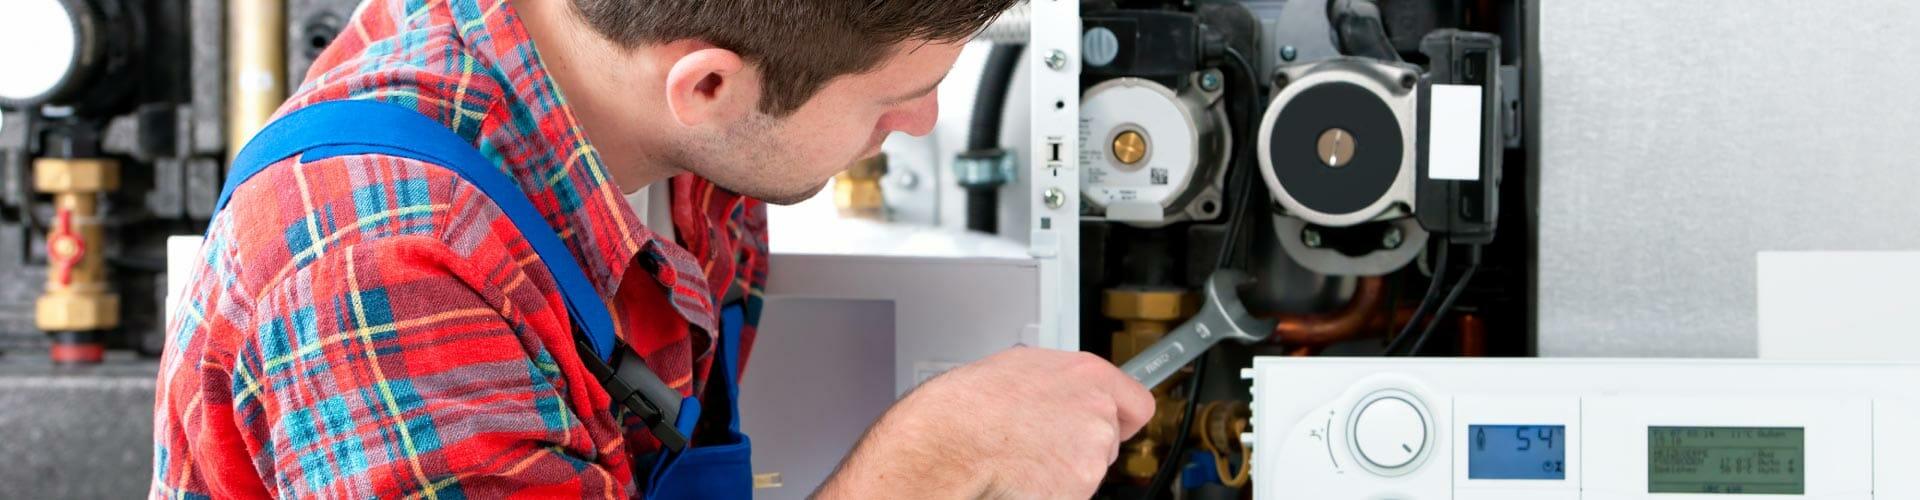 Reparación calderas gas natural Martorell